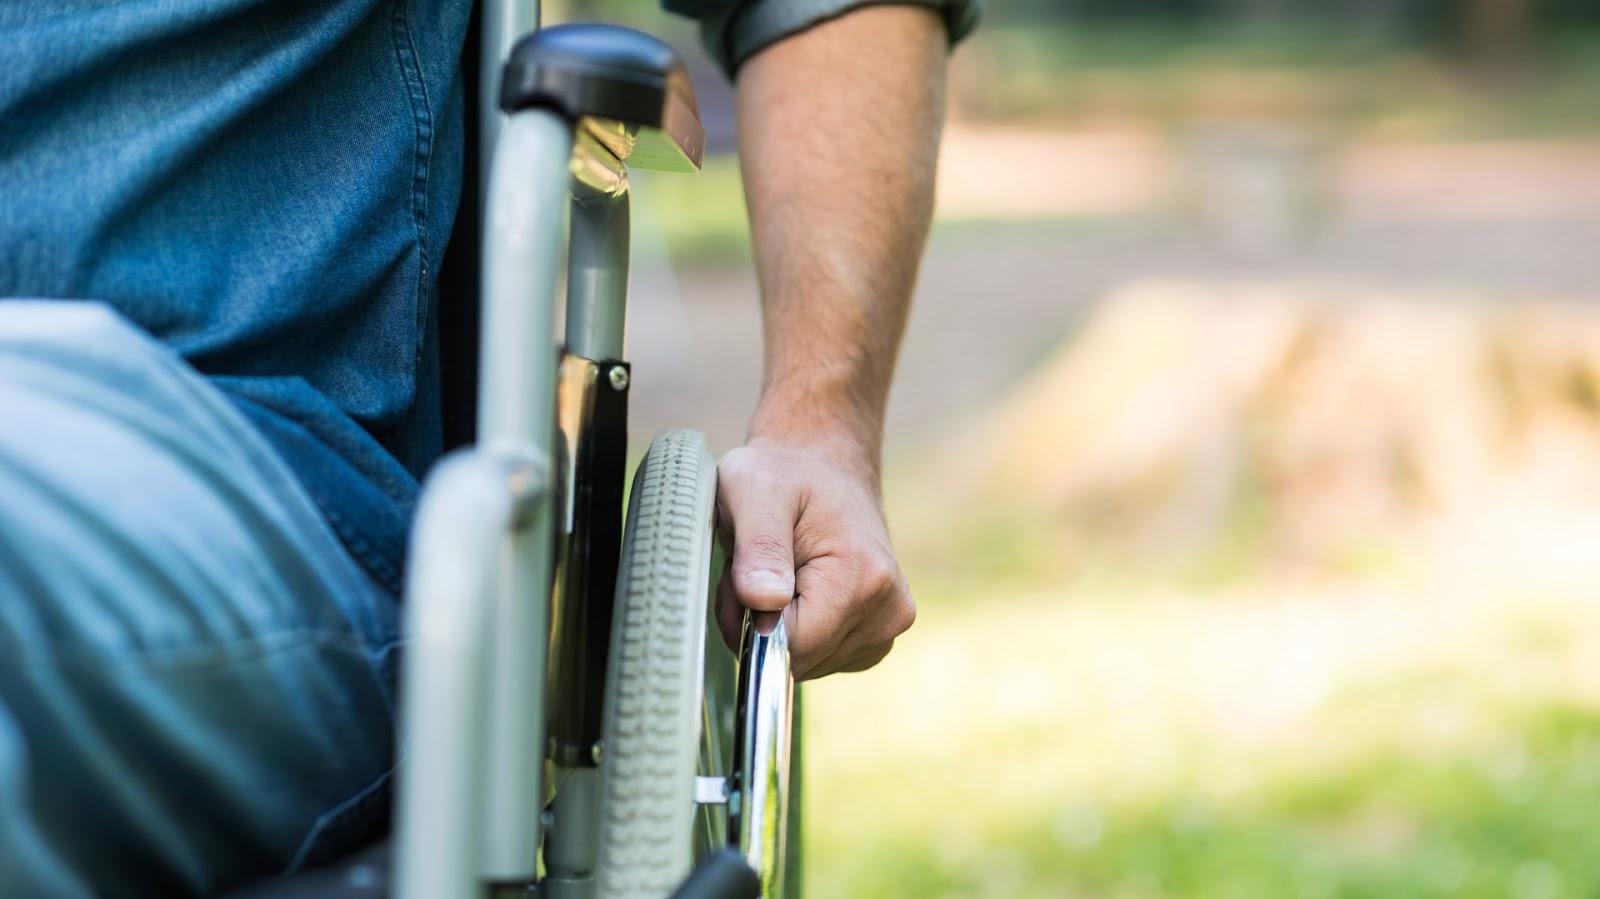 Salidas según la terminación del DNI y prestaciones médicas: como es la excepción a personas con discapacidad durante la cuarentena